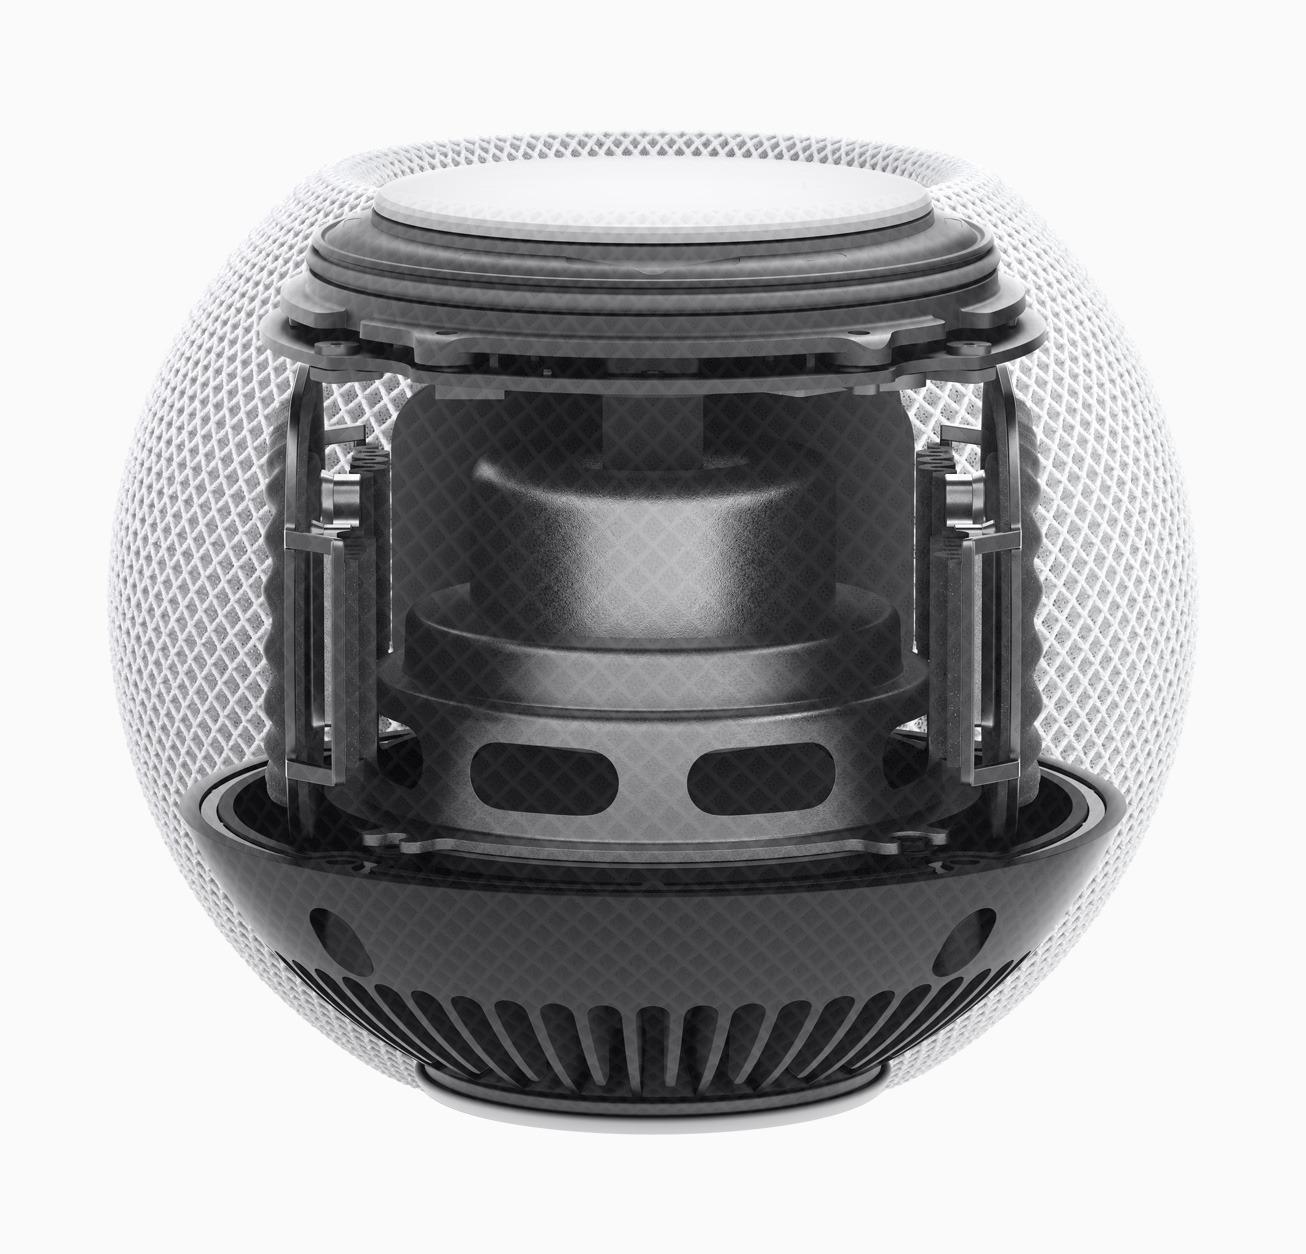 Le haut-parleur central du HomePod mini pointe vers le bas.